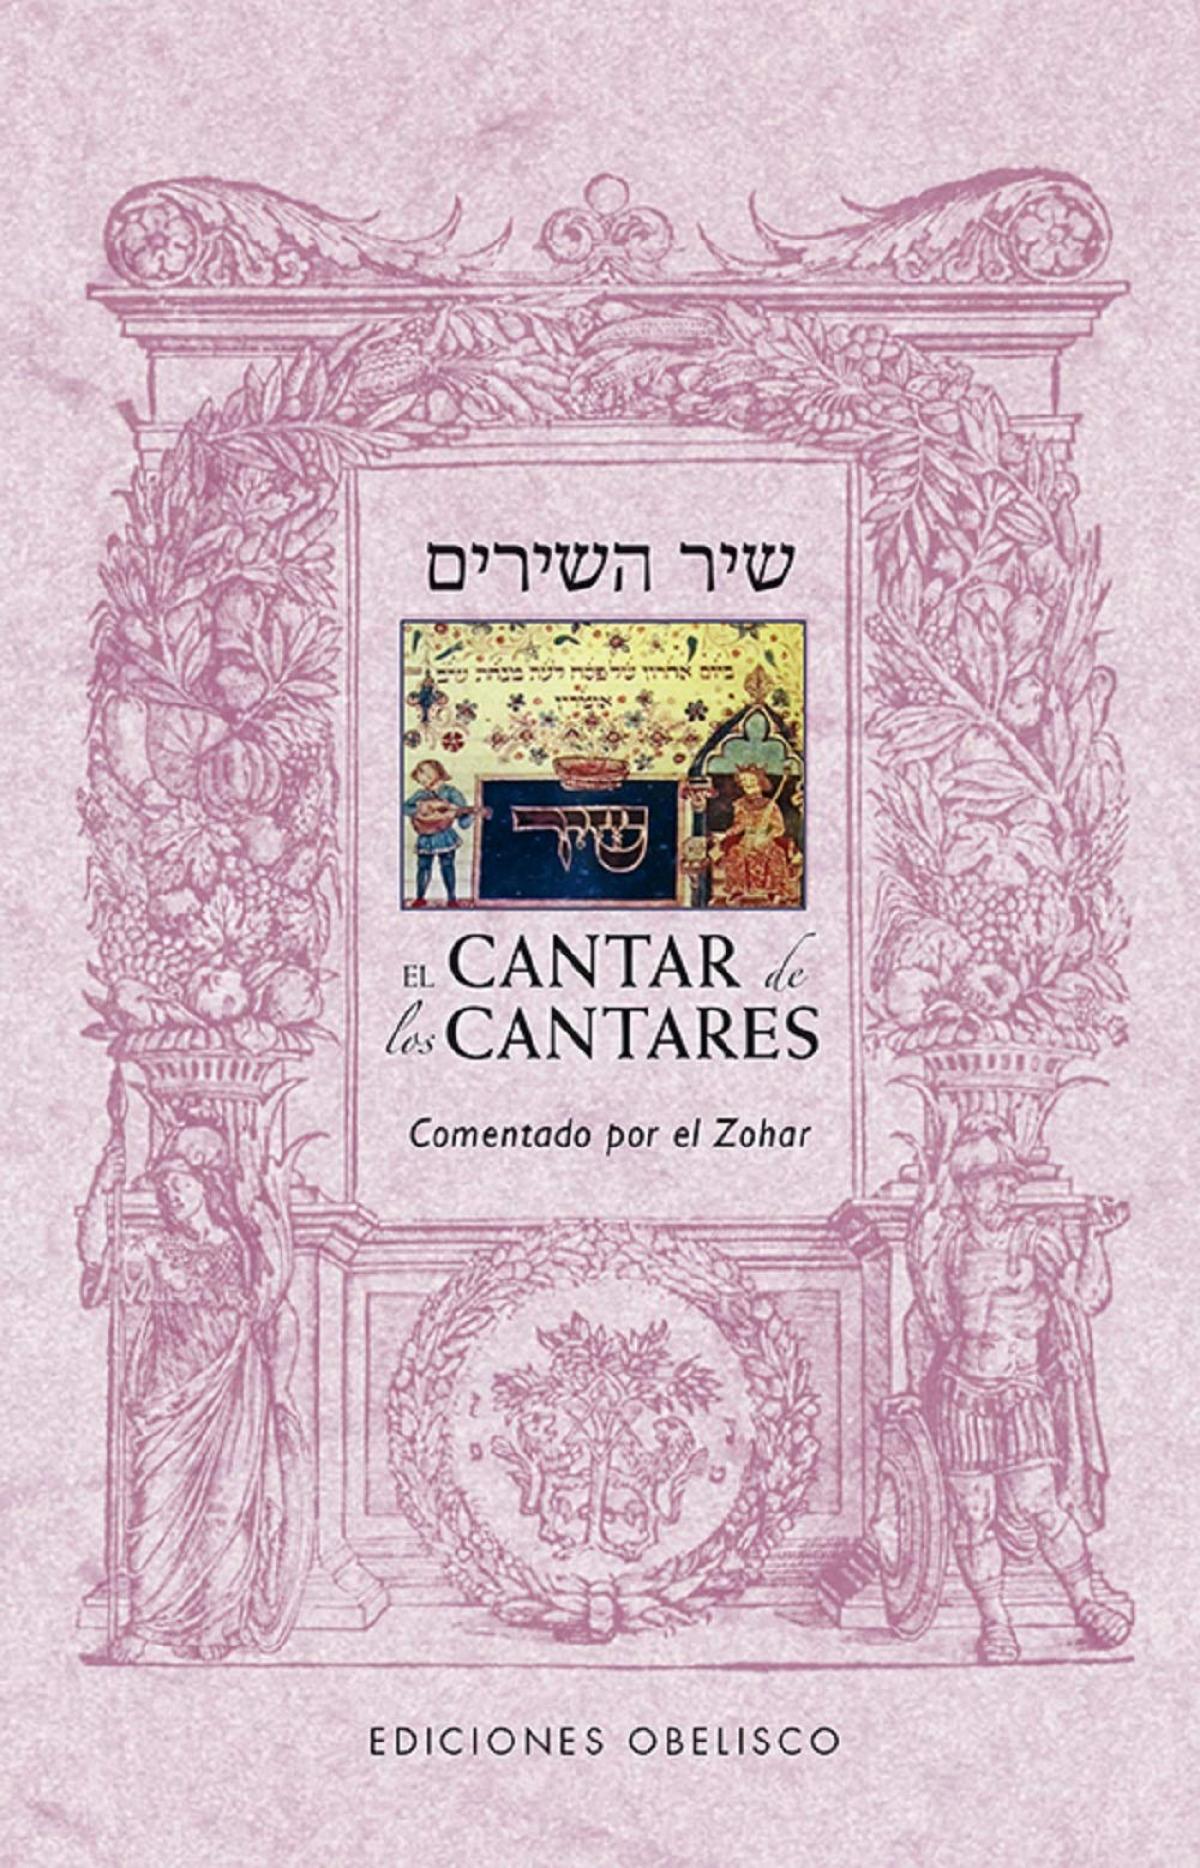 CANTAR DE LOS CANTARES, EL 9788416192977